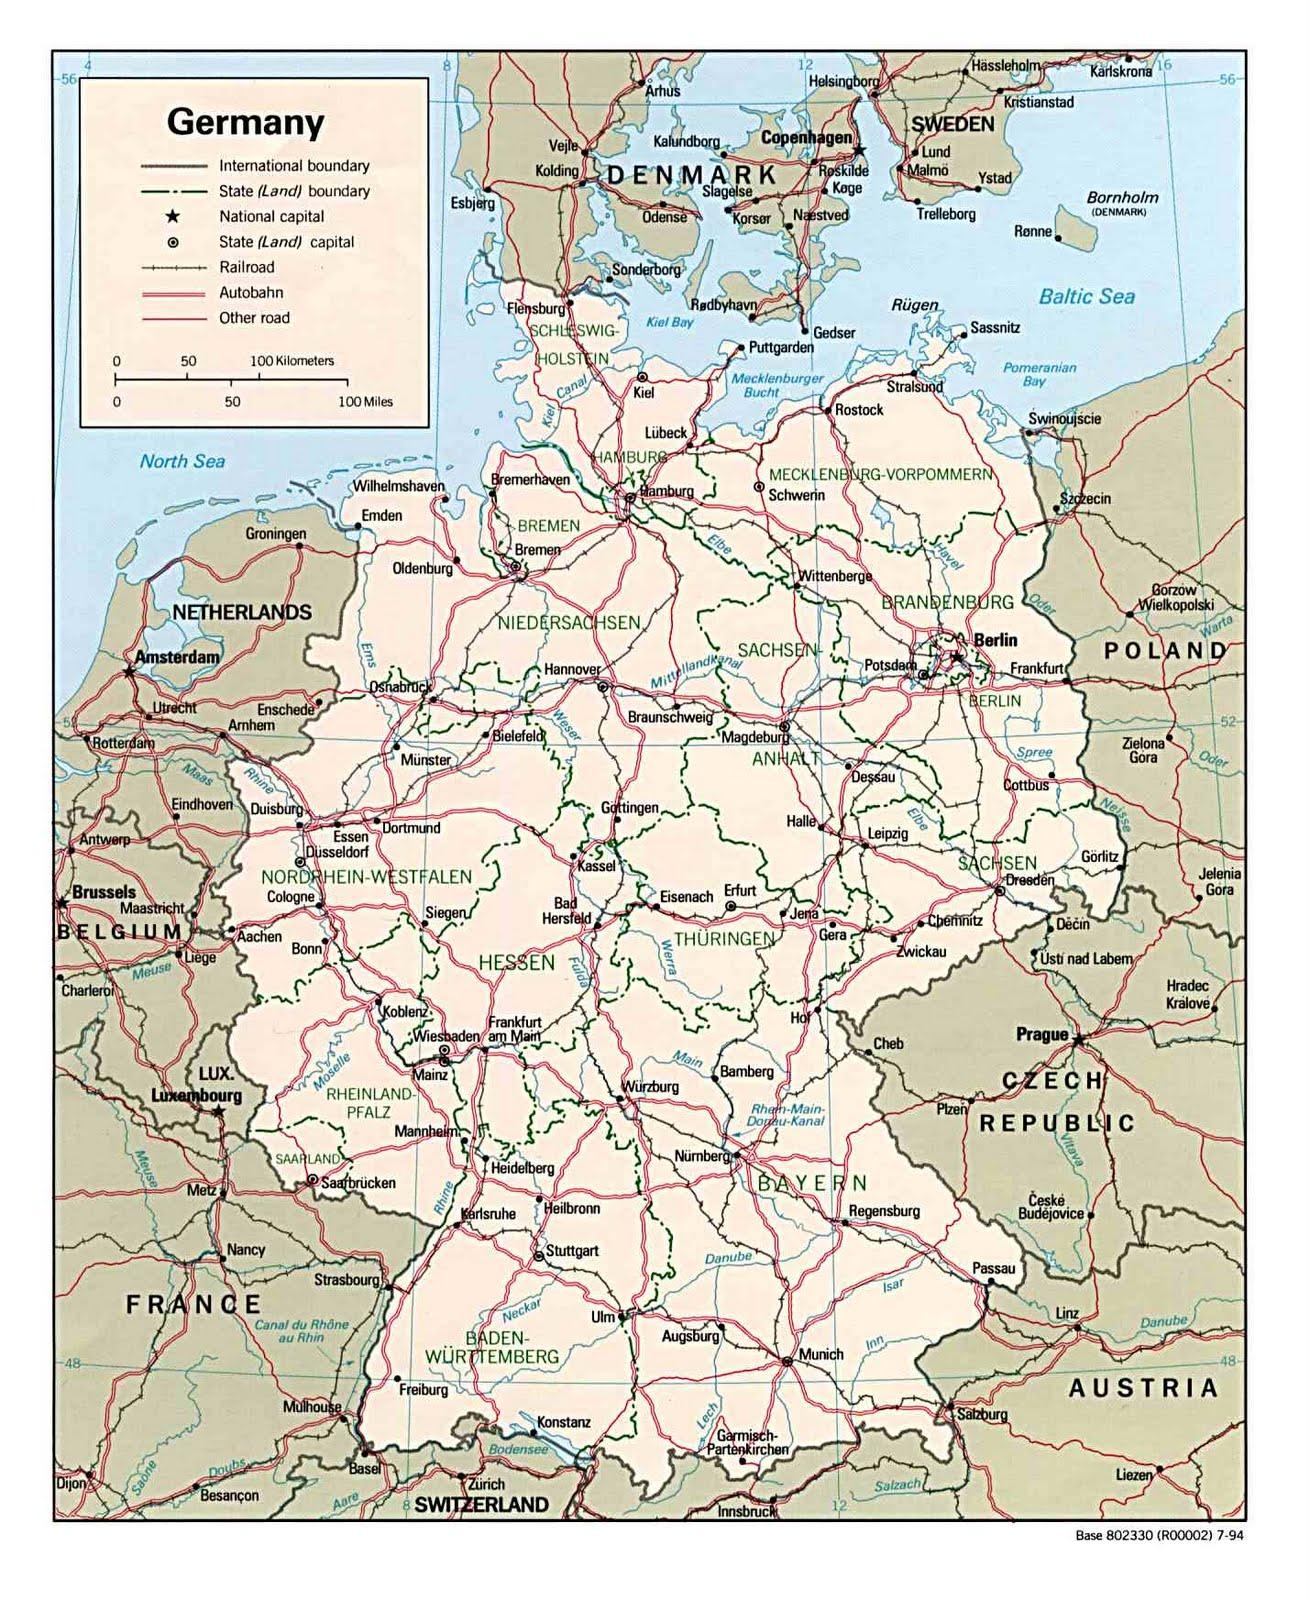 Deutschlandkarte blog: Deutschland karte Region Bild - Deutschland Und Schweiz Karte